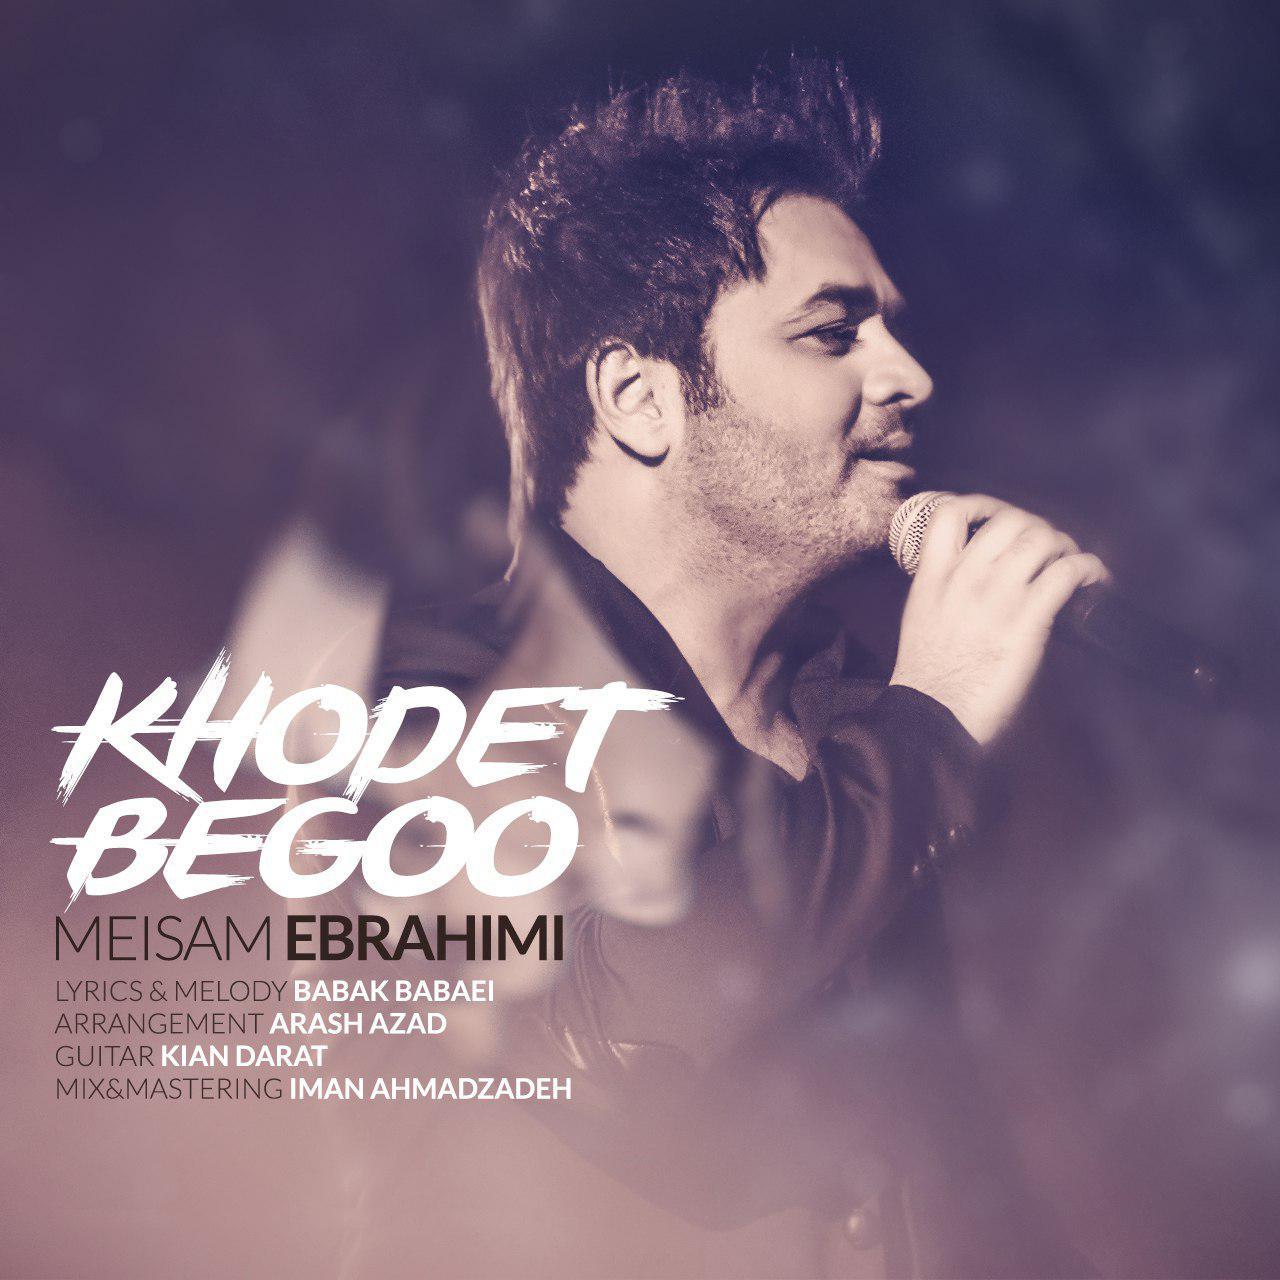 دانلود آهنگ جديد میثم ابراهیمی به نام خودت بگو